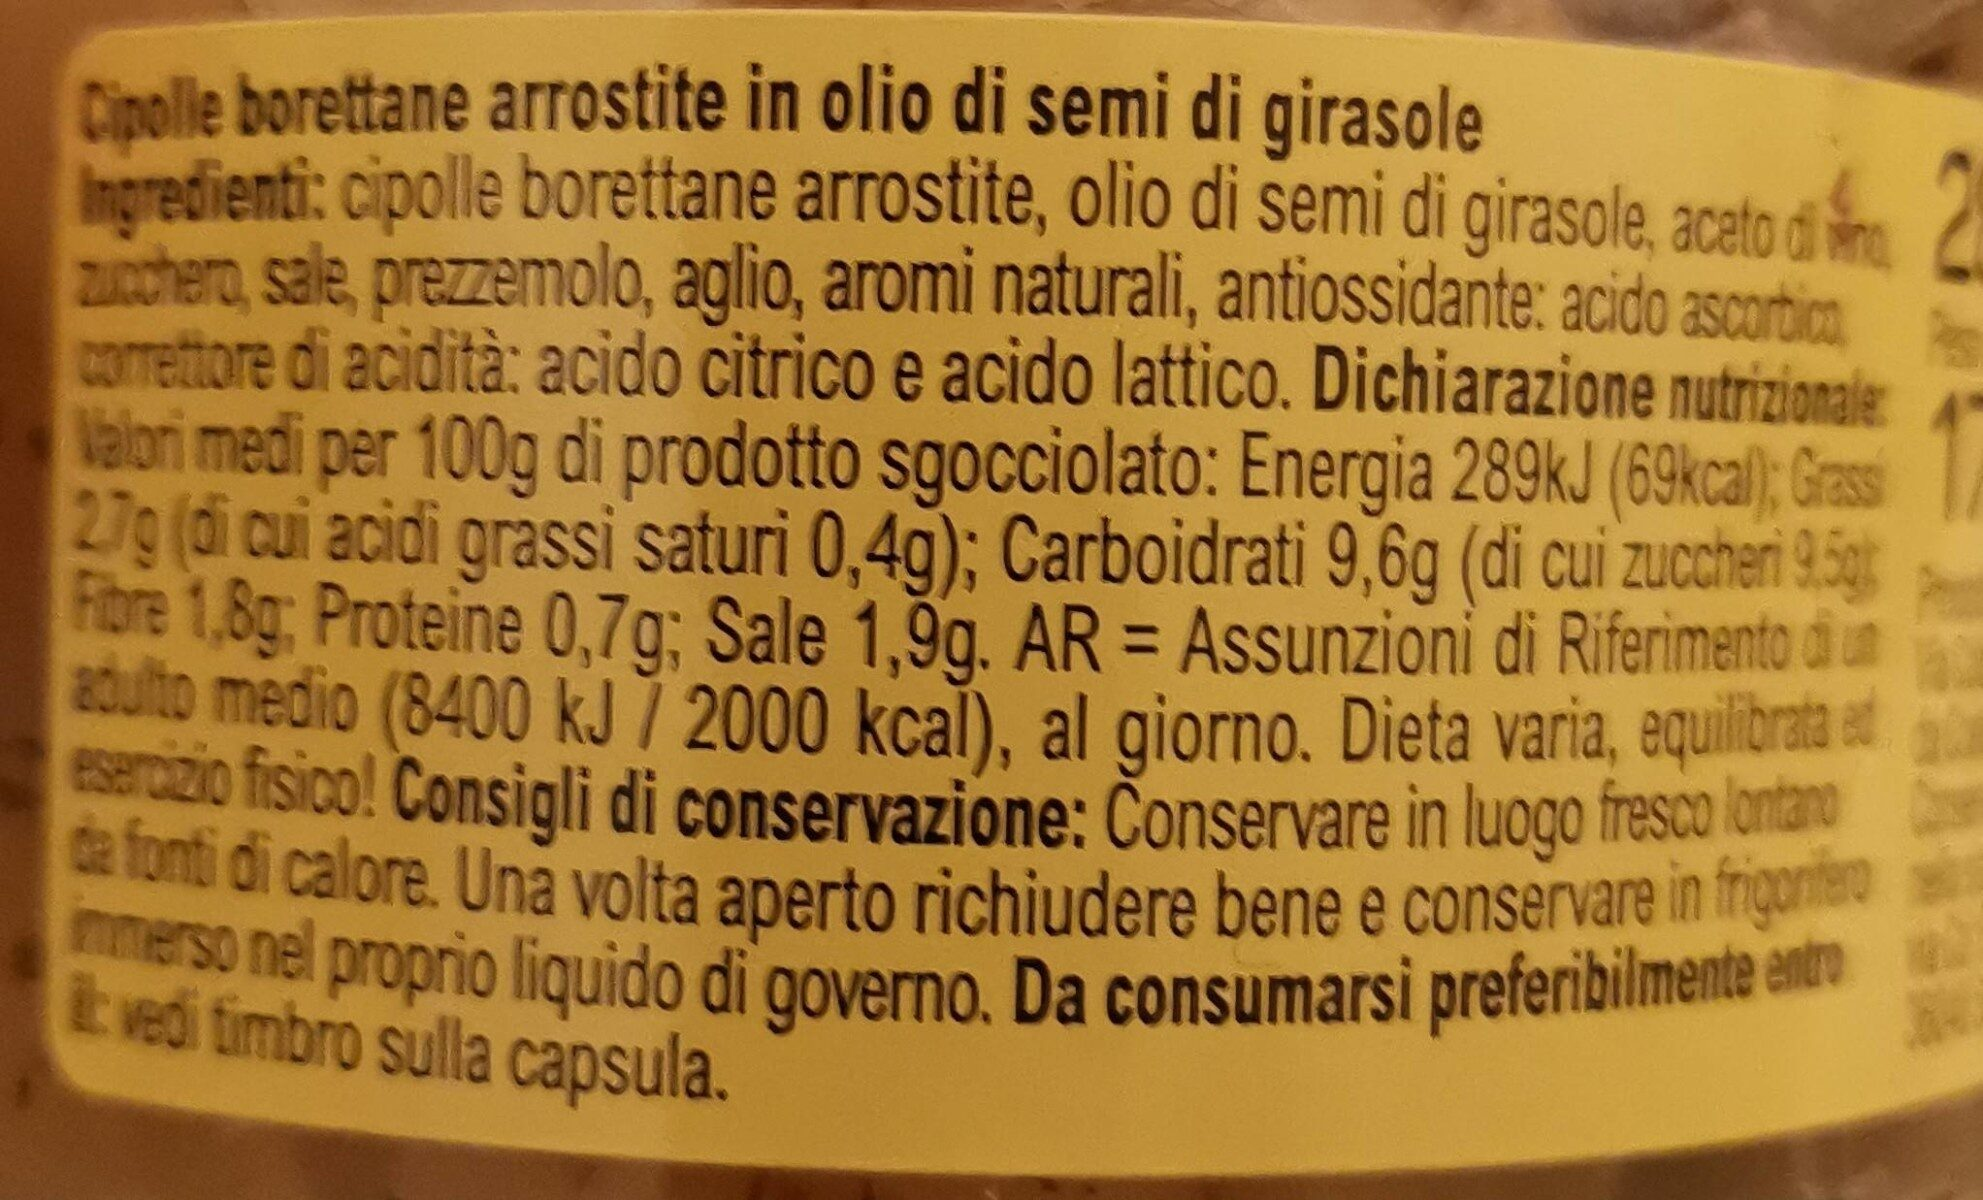 Specialità cipolle borettane arrostite - Nutrition facts - it